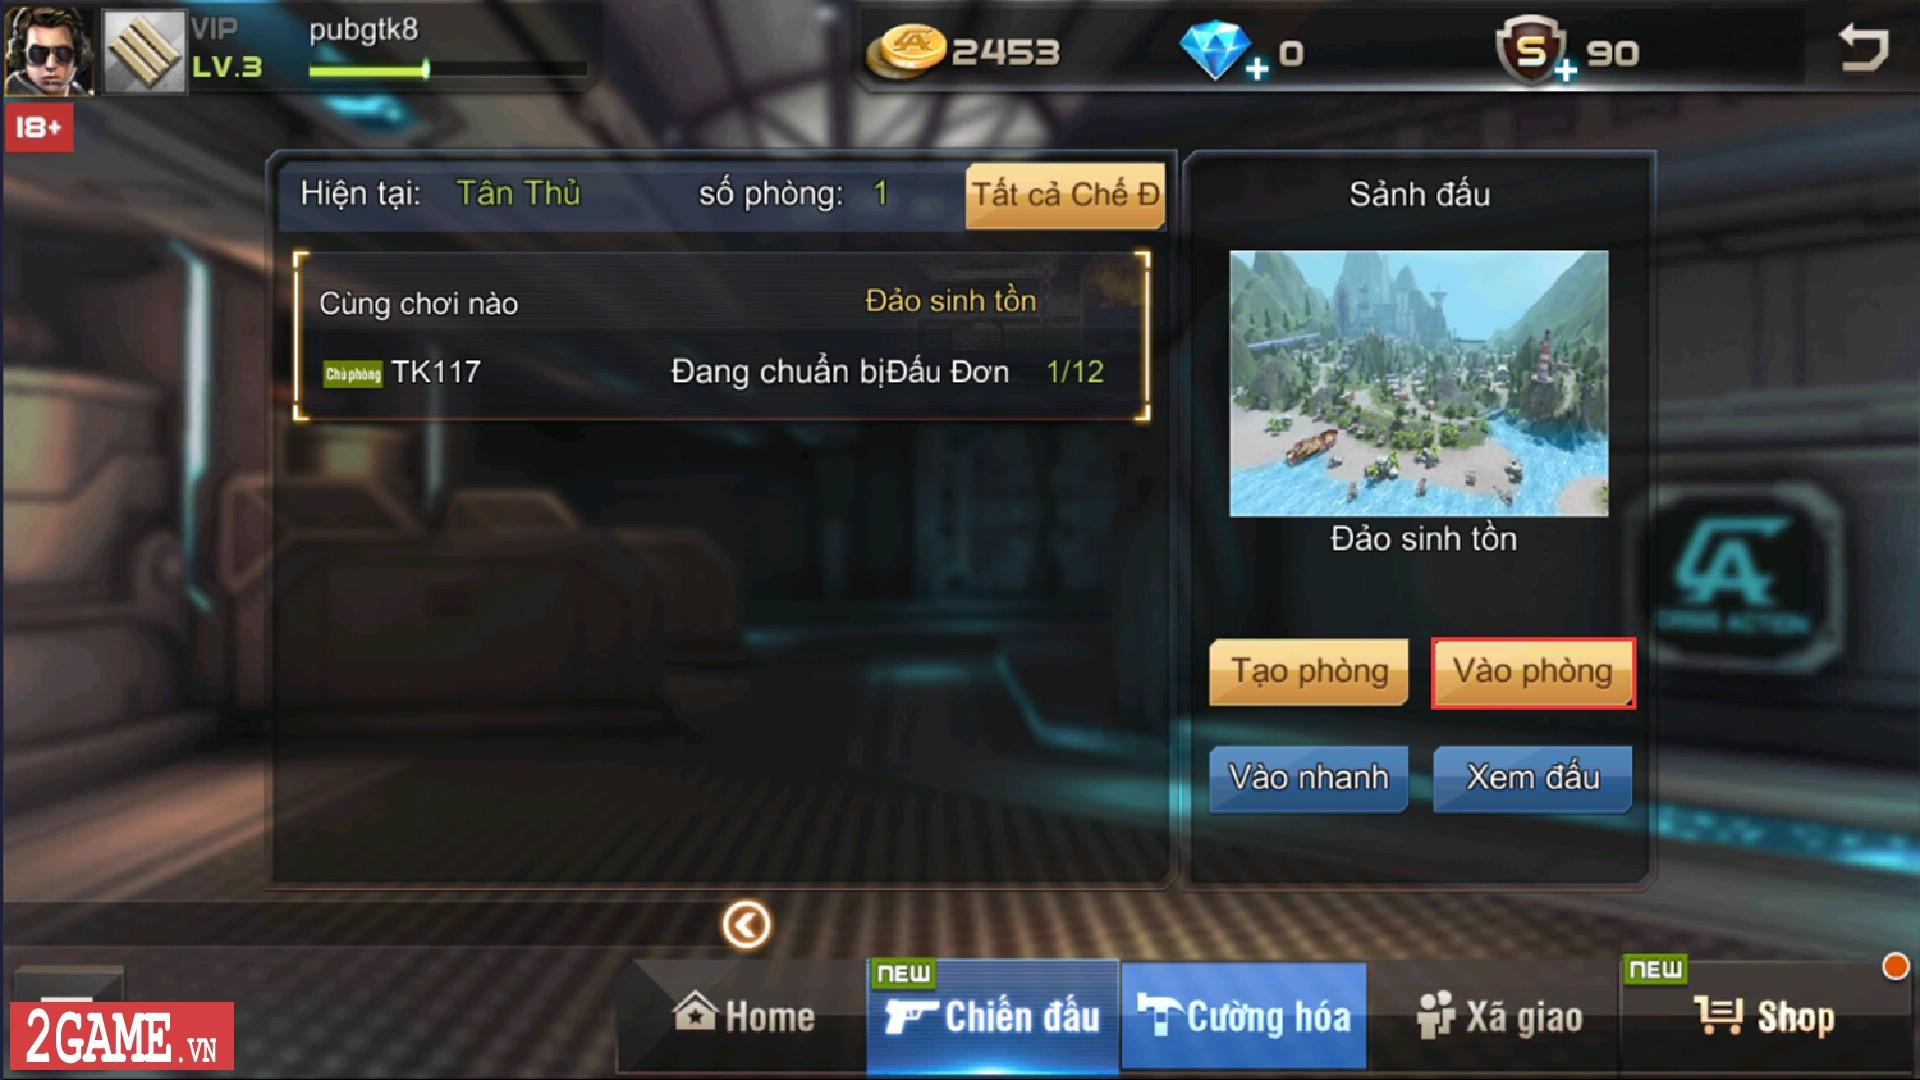 Tập Kích Mobile chính thức cho game thủ Việt chơi thử chế độ sinh tồn 0